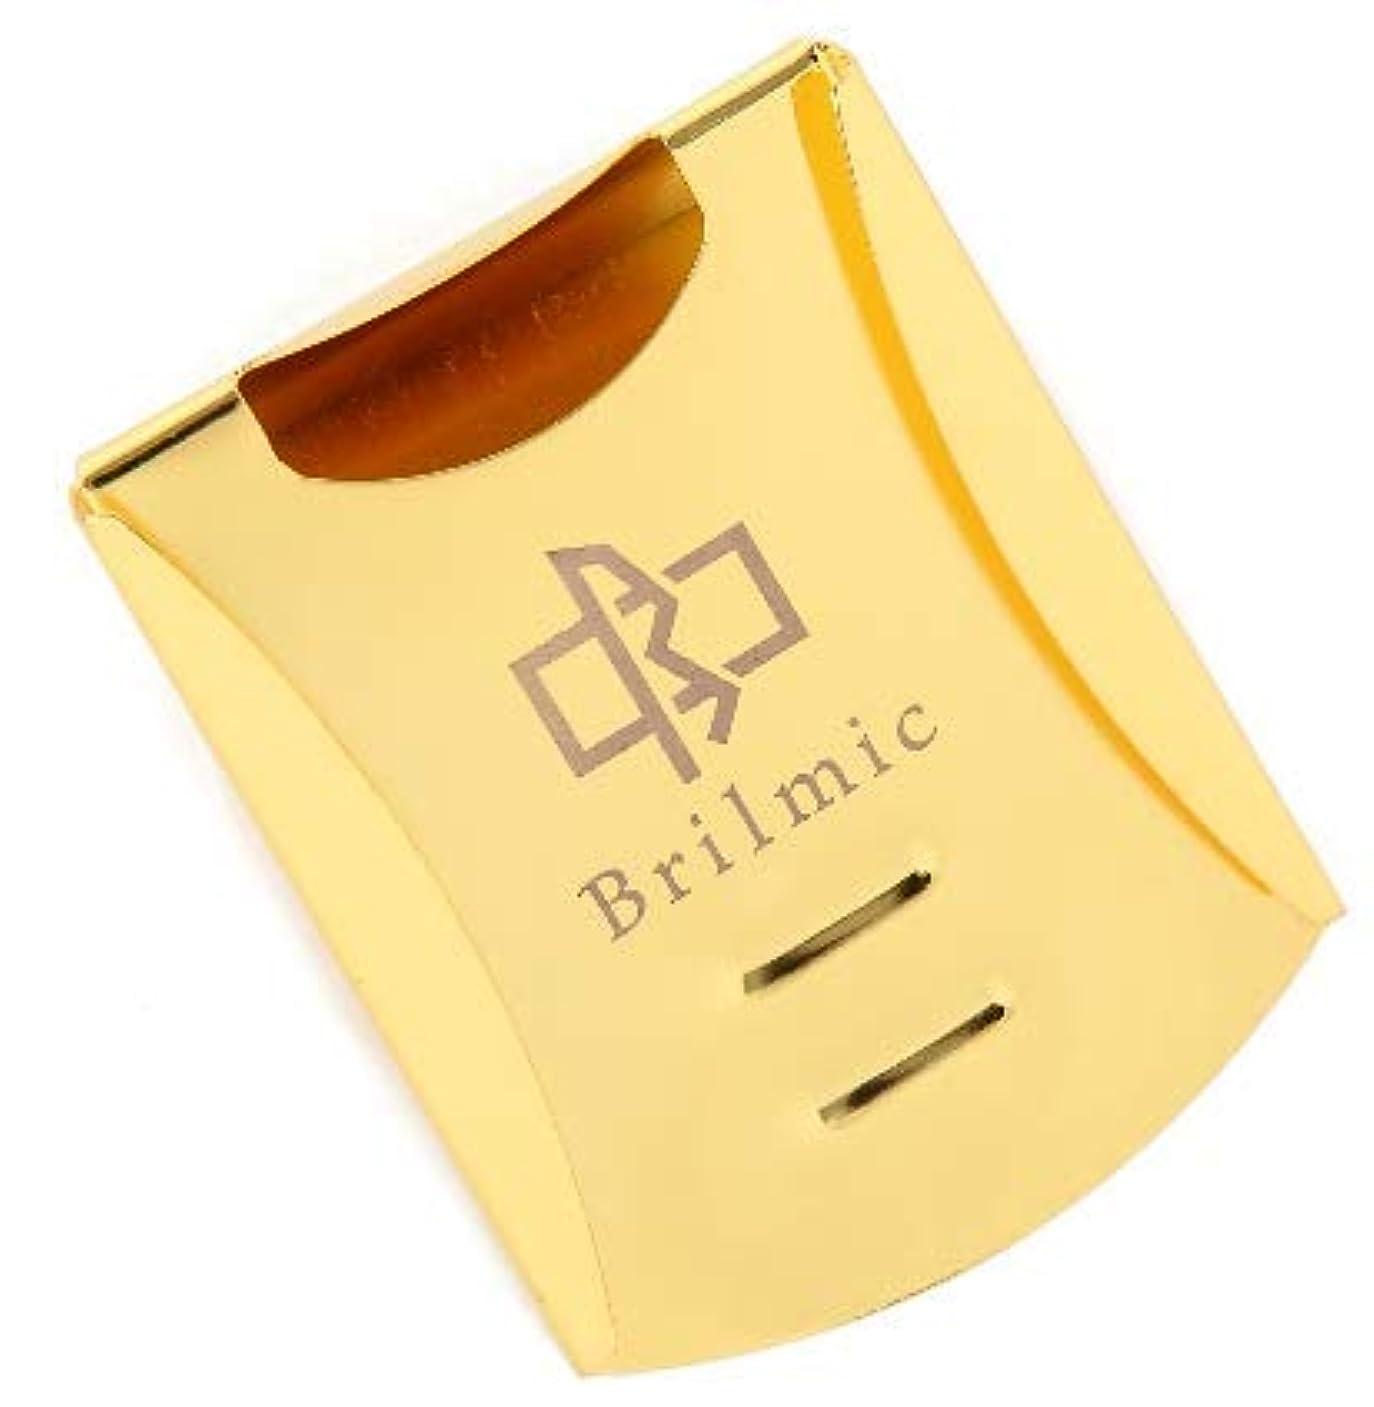 炭素渦旋回Brilmic マネークリップ カードケース カードホルダー ビジネスマンのための 化粧箱付き プレゼント ステンレス メンズ 3色 国内正規品